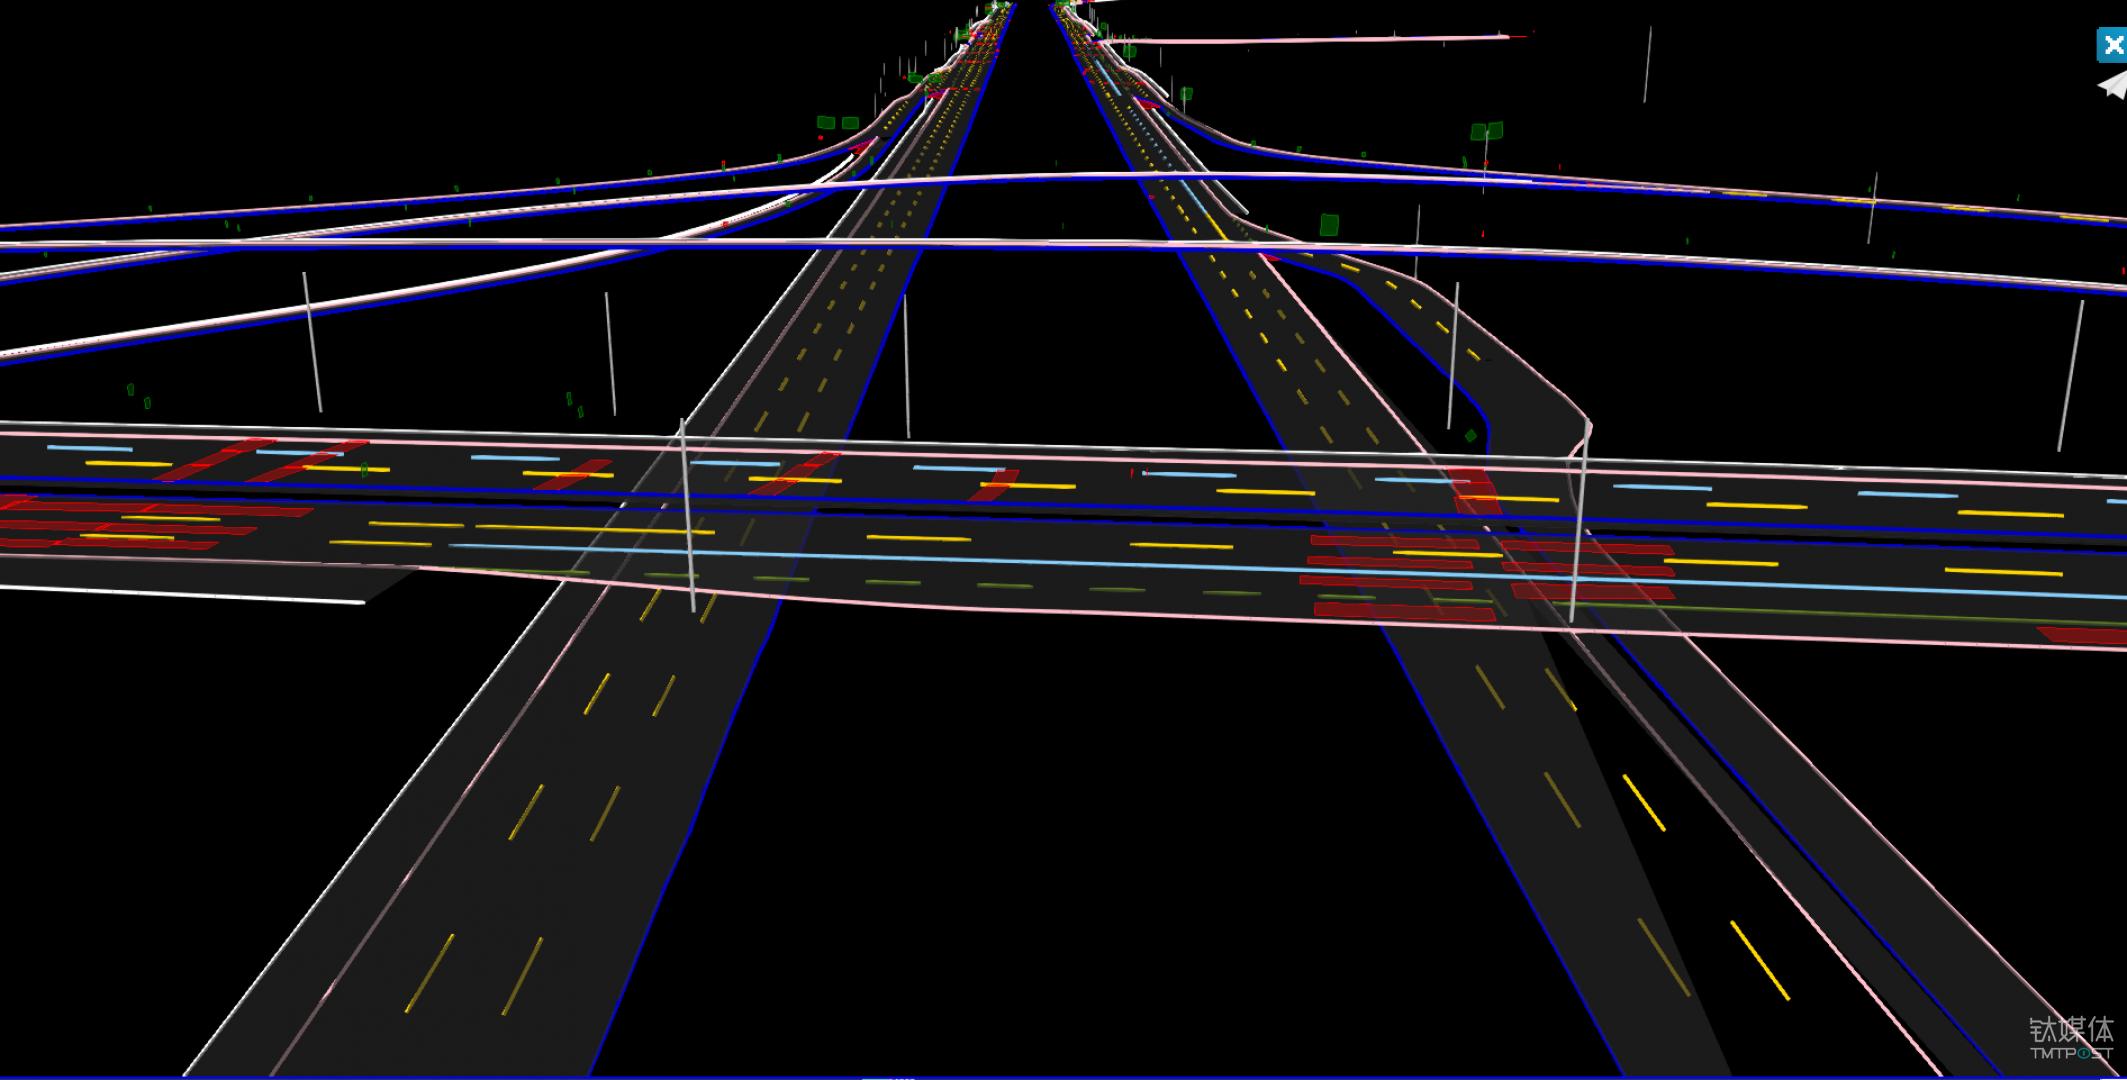 高精度地圖是無人駕駛的基礎